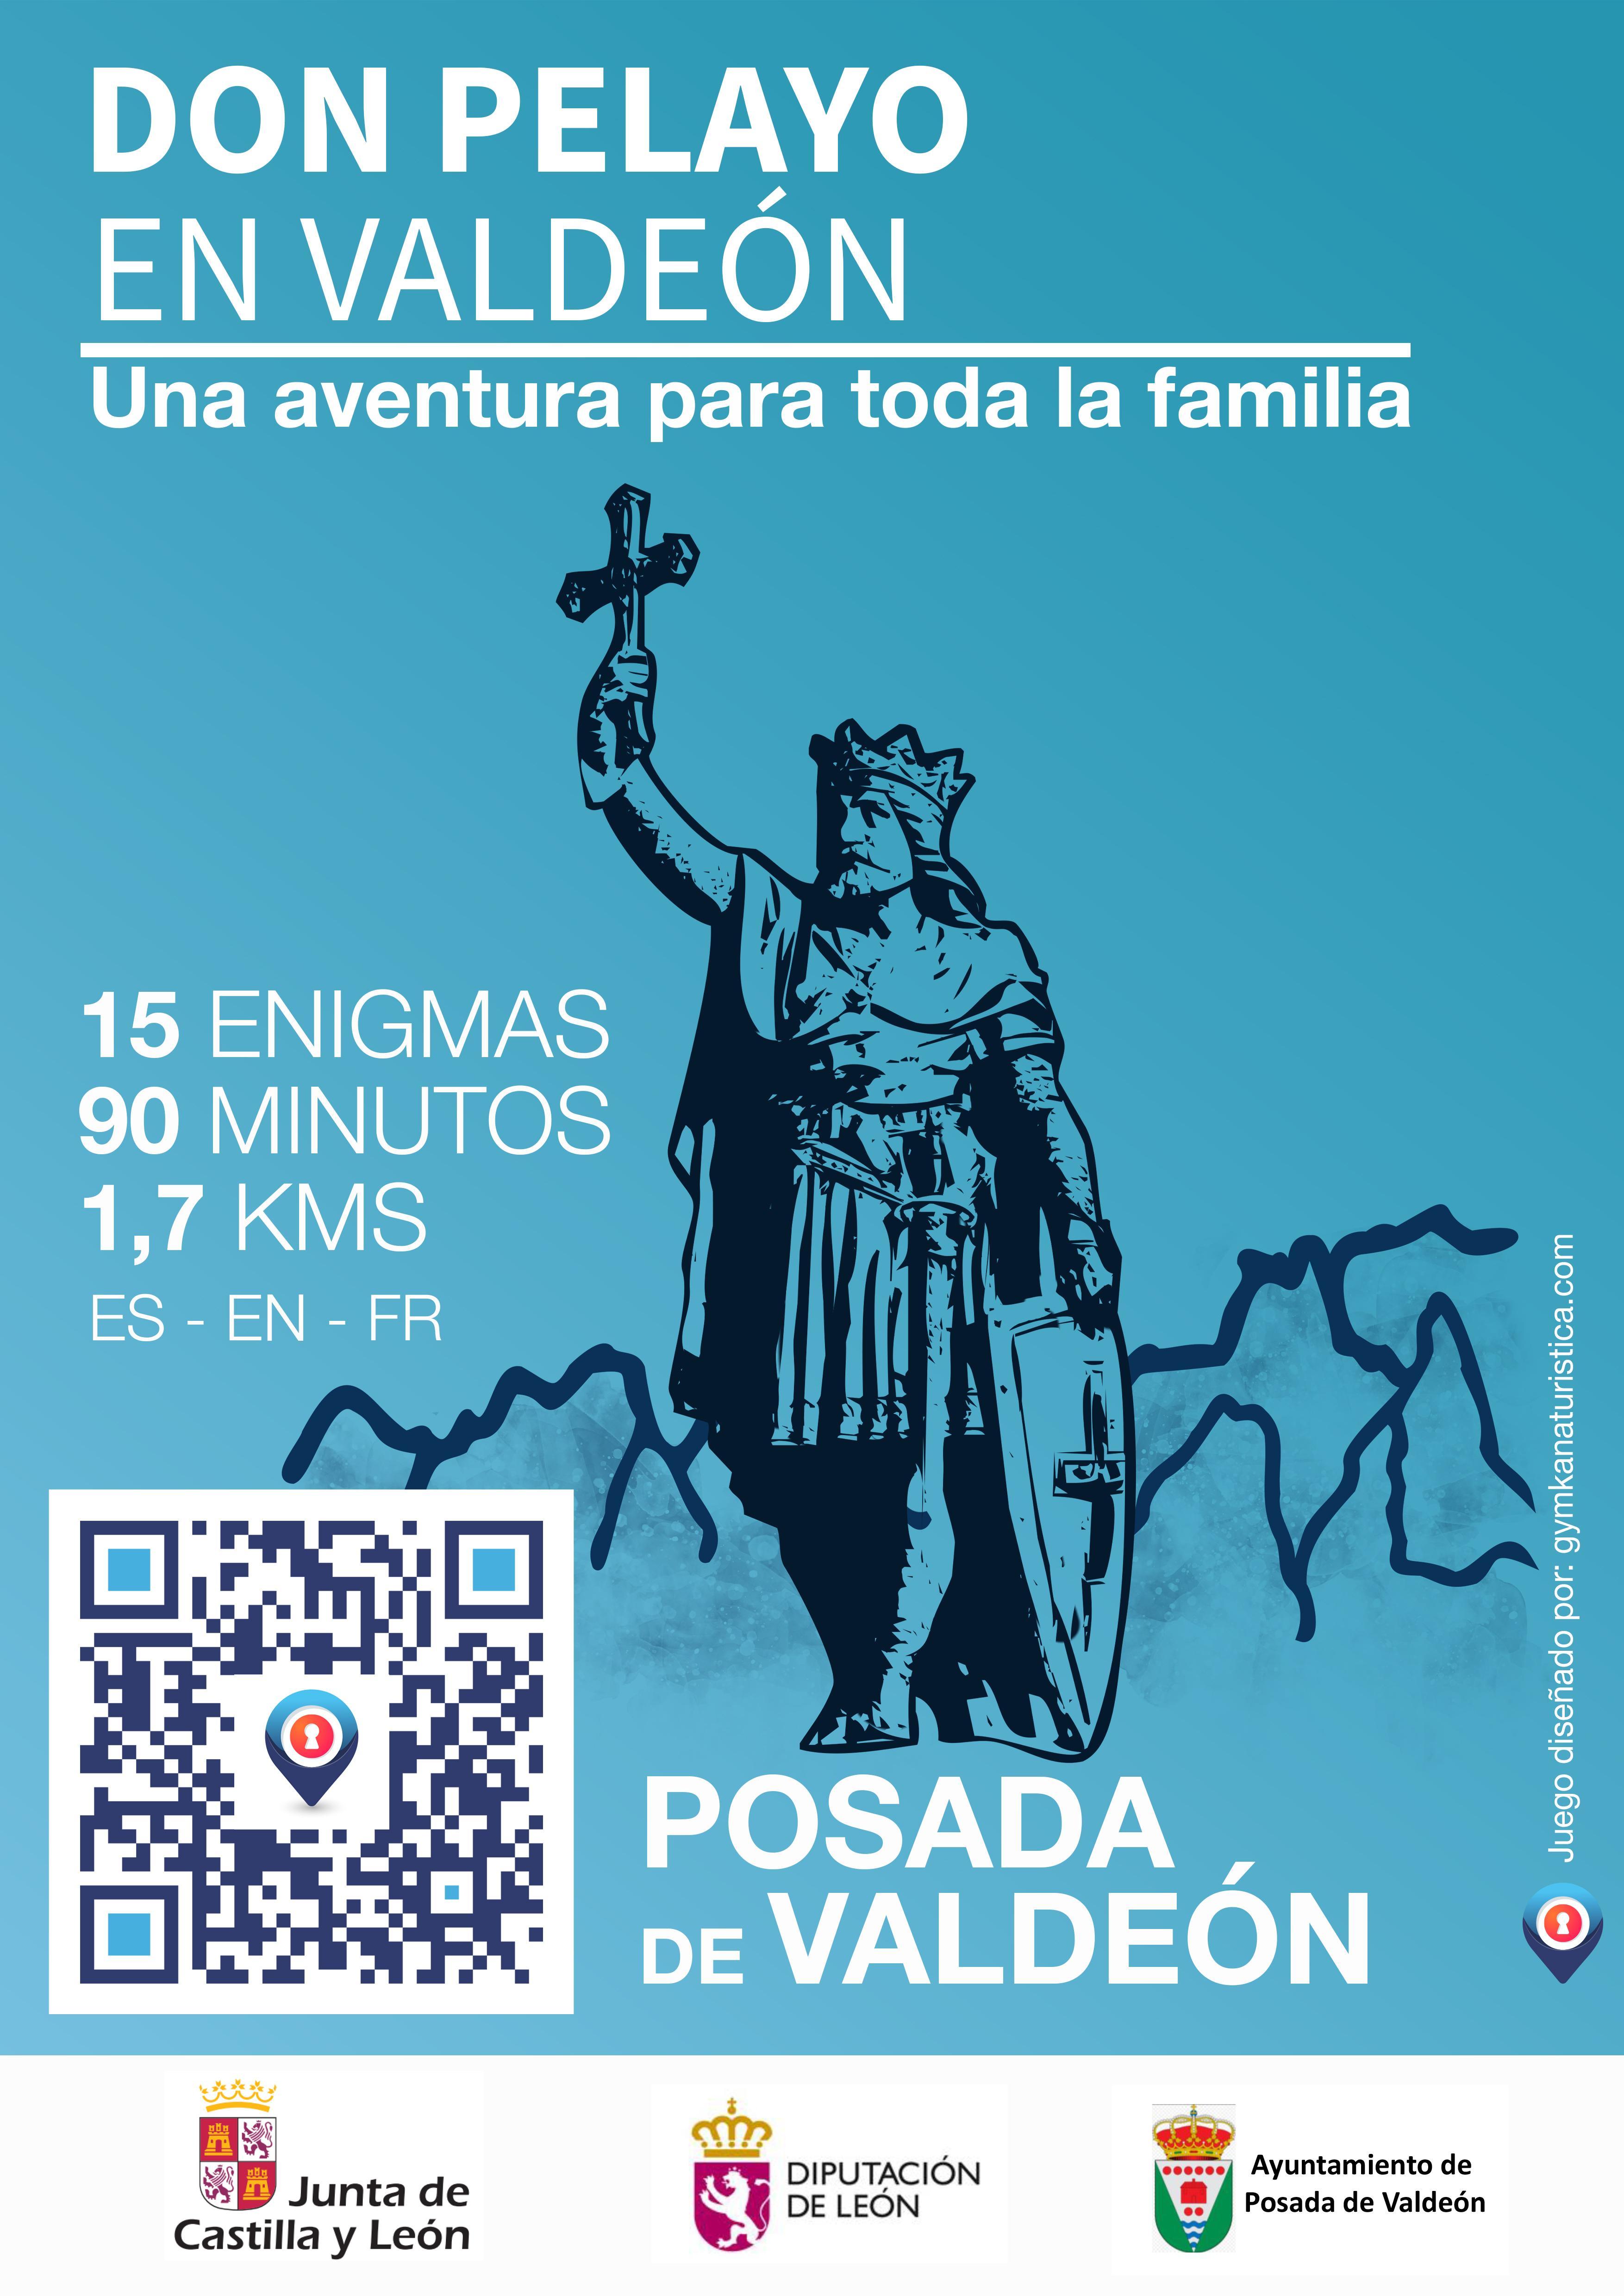 Don Pelayo en Valdeón0